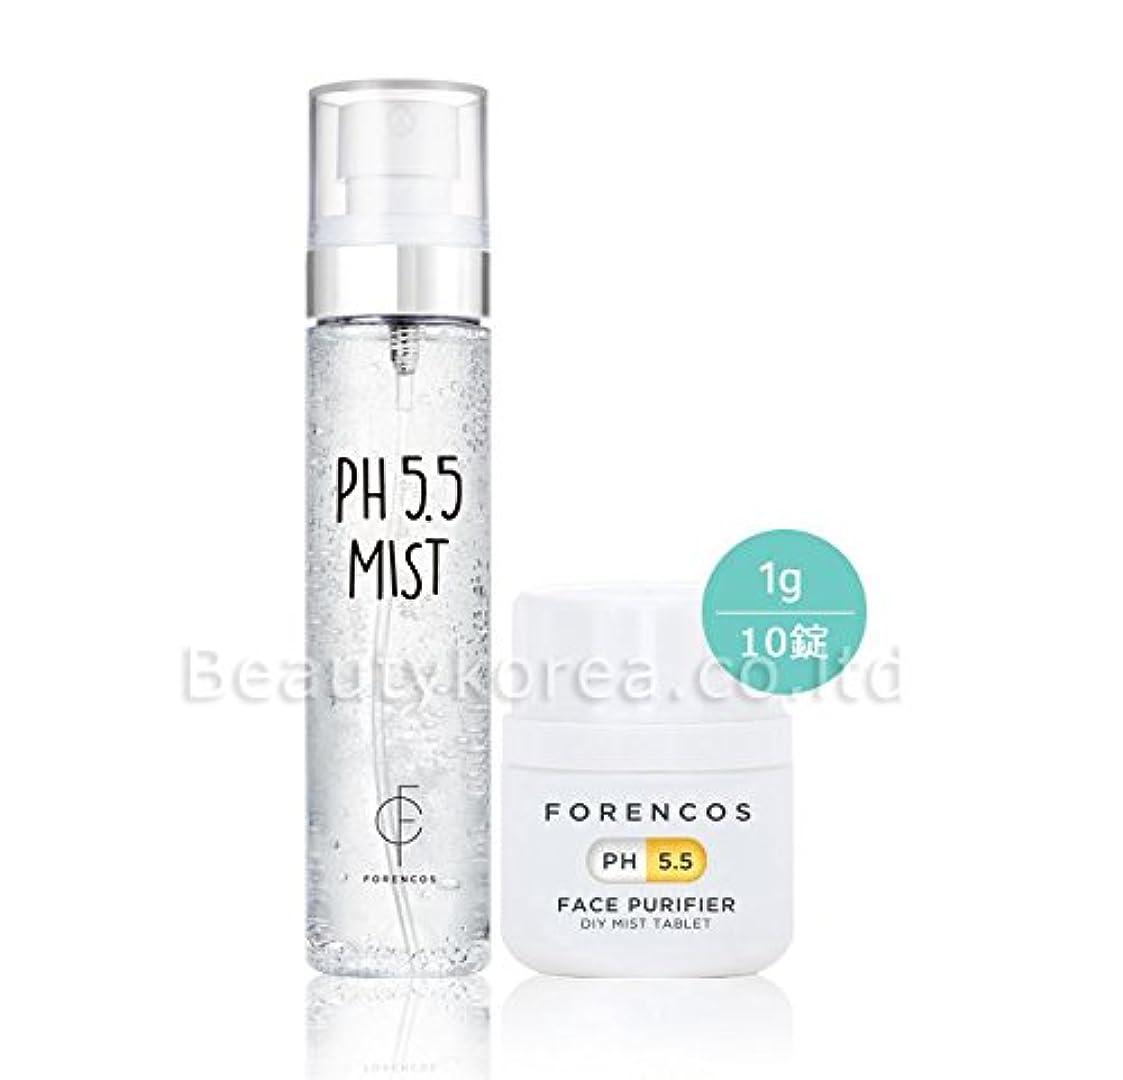 形容詞貝殻ラジエーター[FORENCOS] 花粉?PM2.5対策フォレンコス PH5.5フェイスピュリファイア弱酸性ミスト PH5.5 Purifier Mist [並行輸入品]